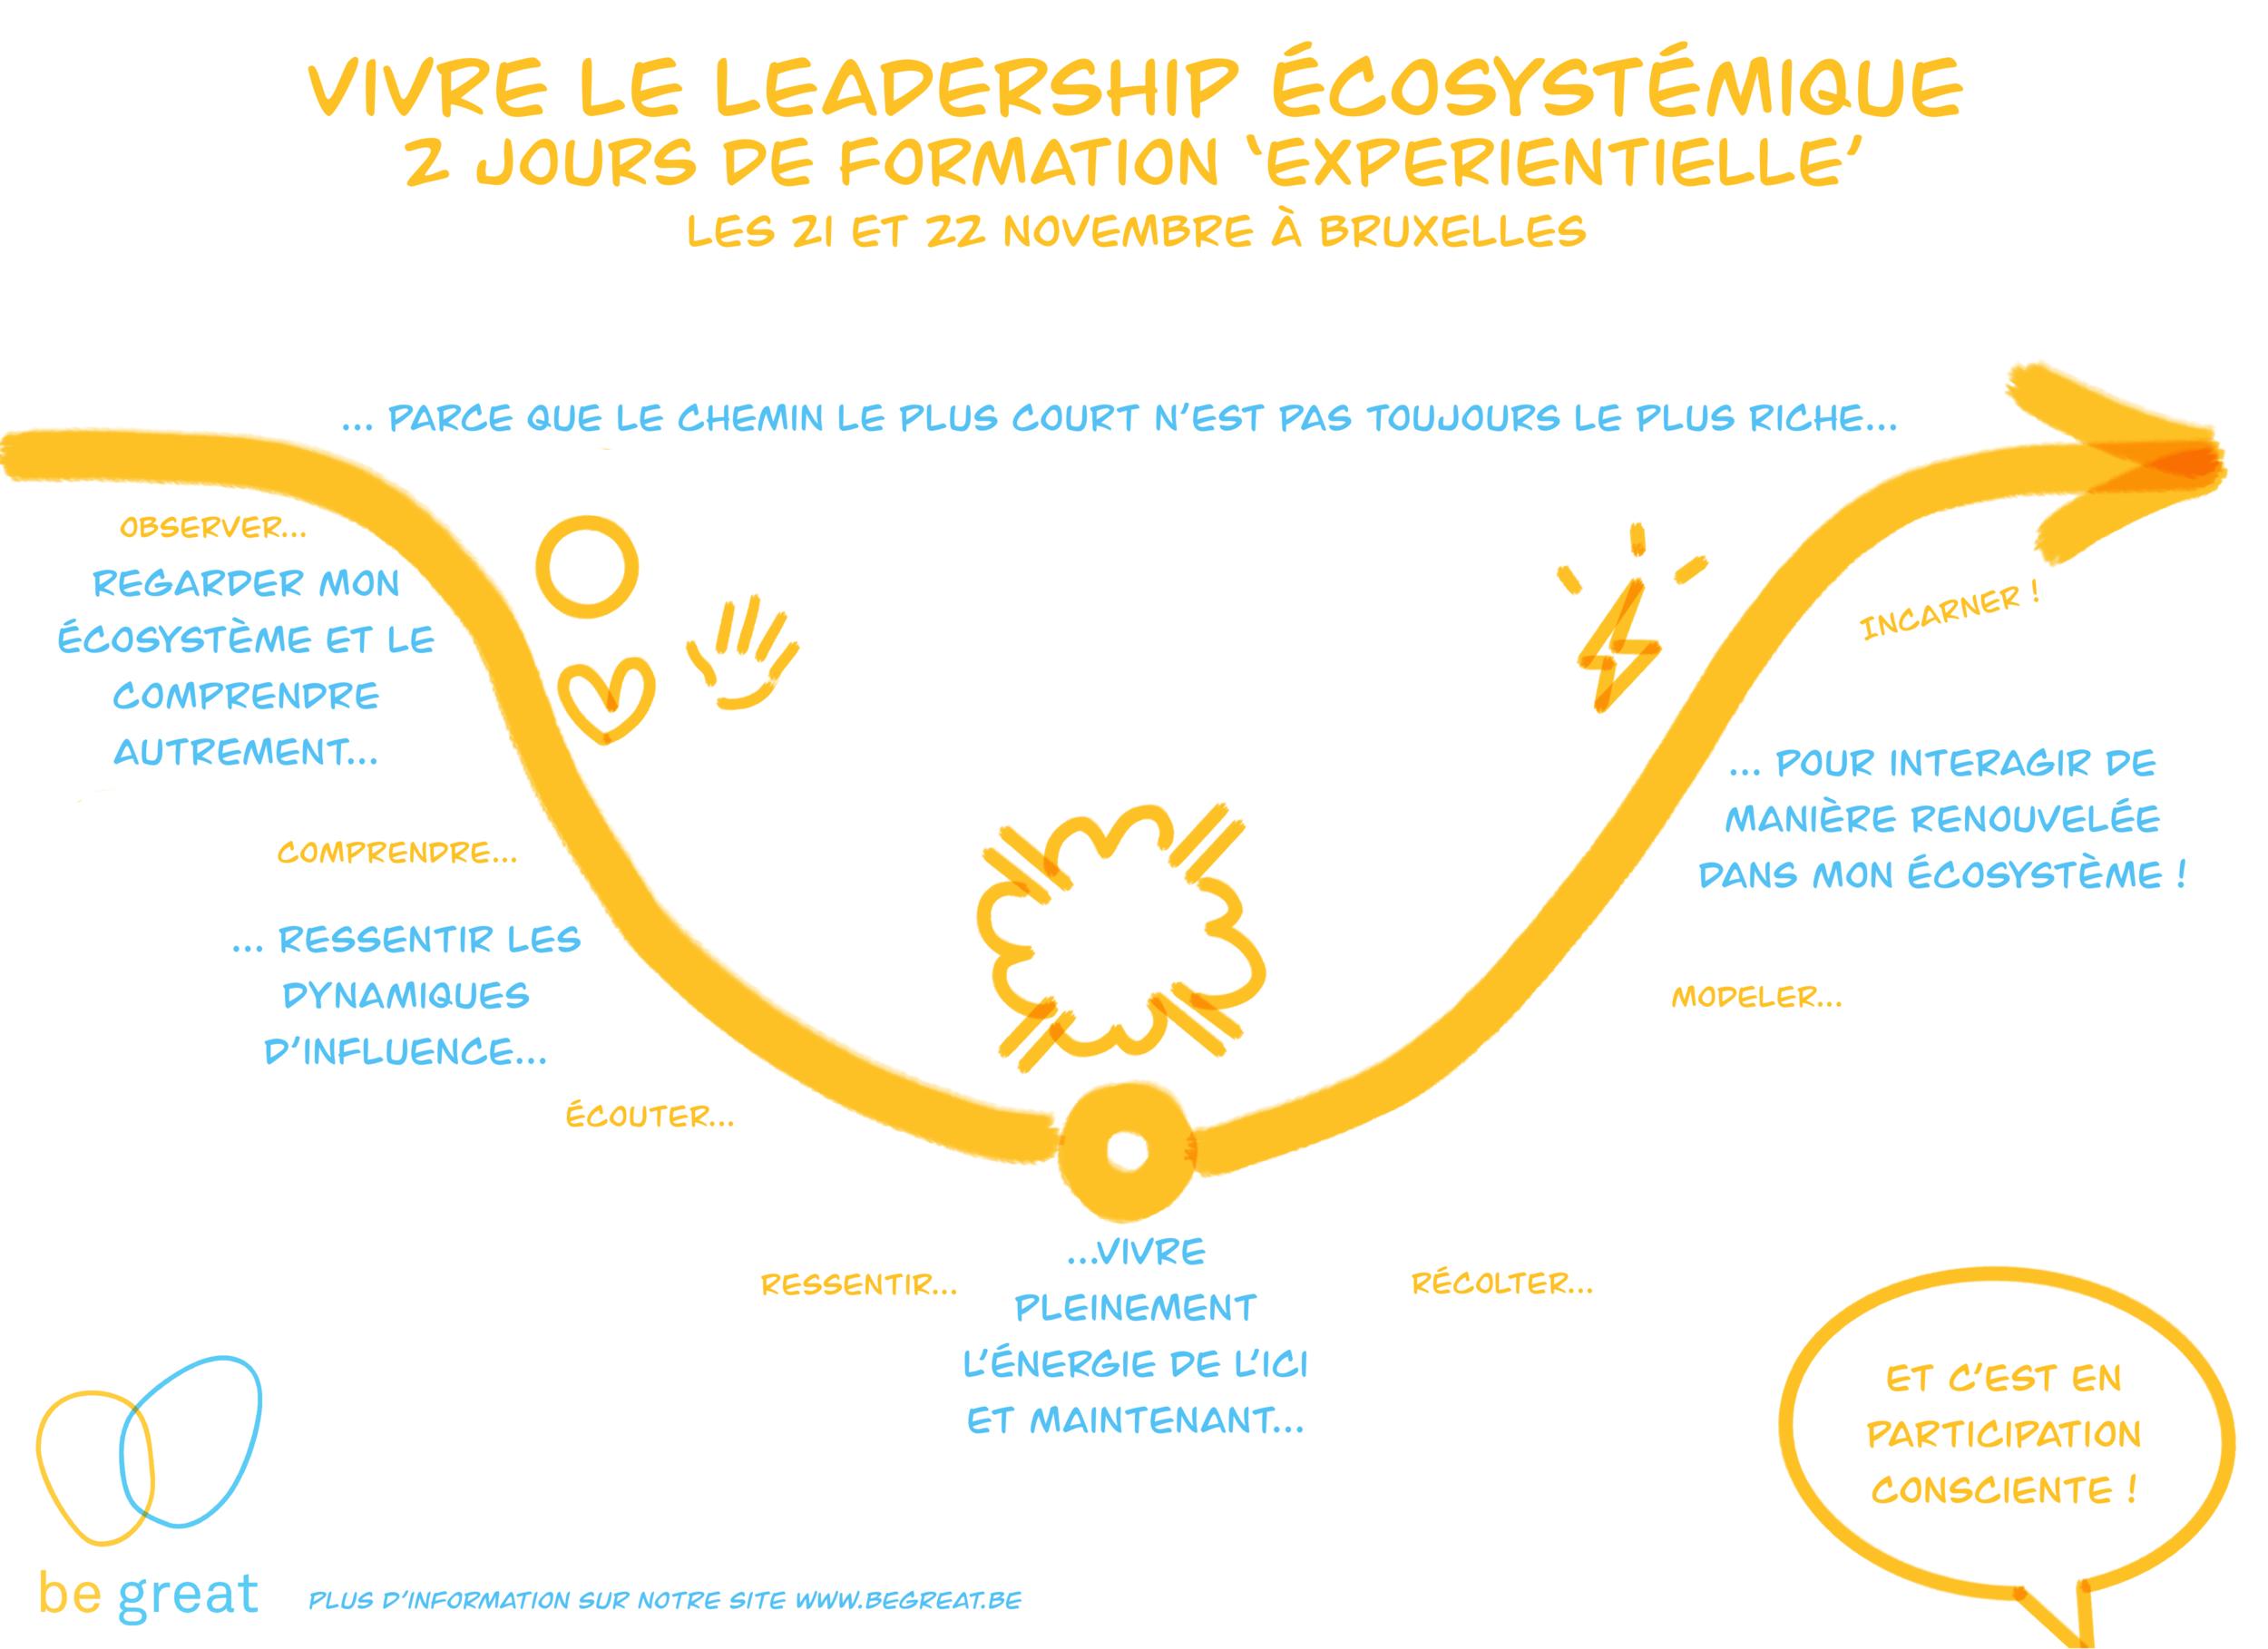 vivre le leadership écosystémique.png